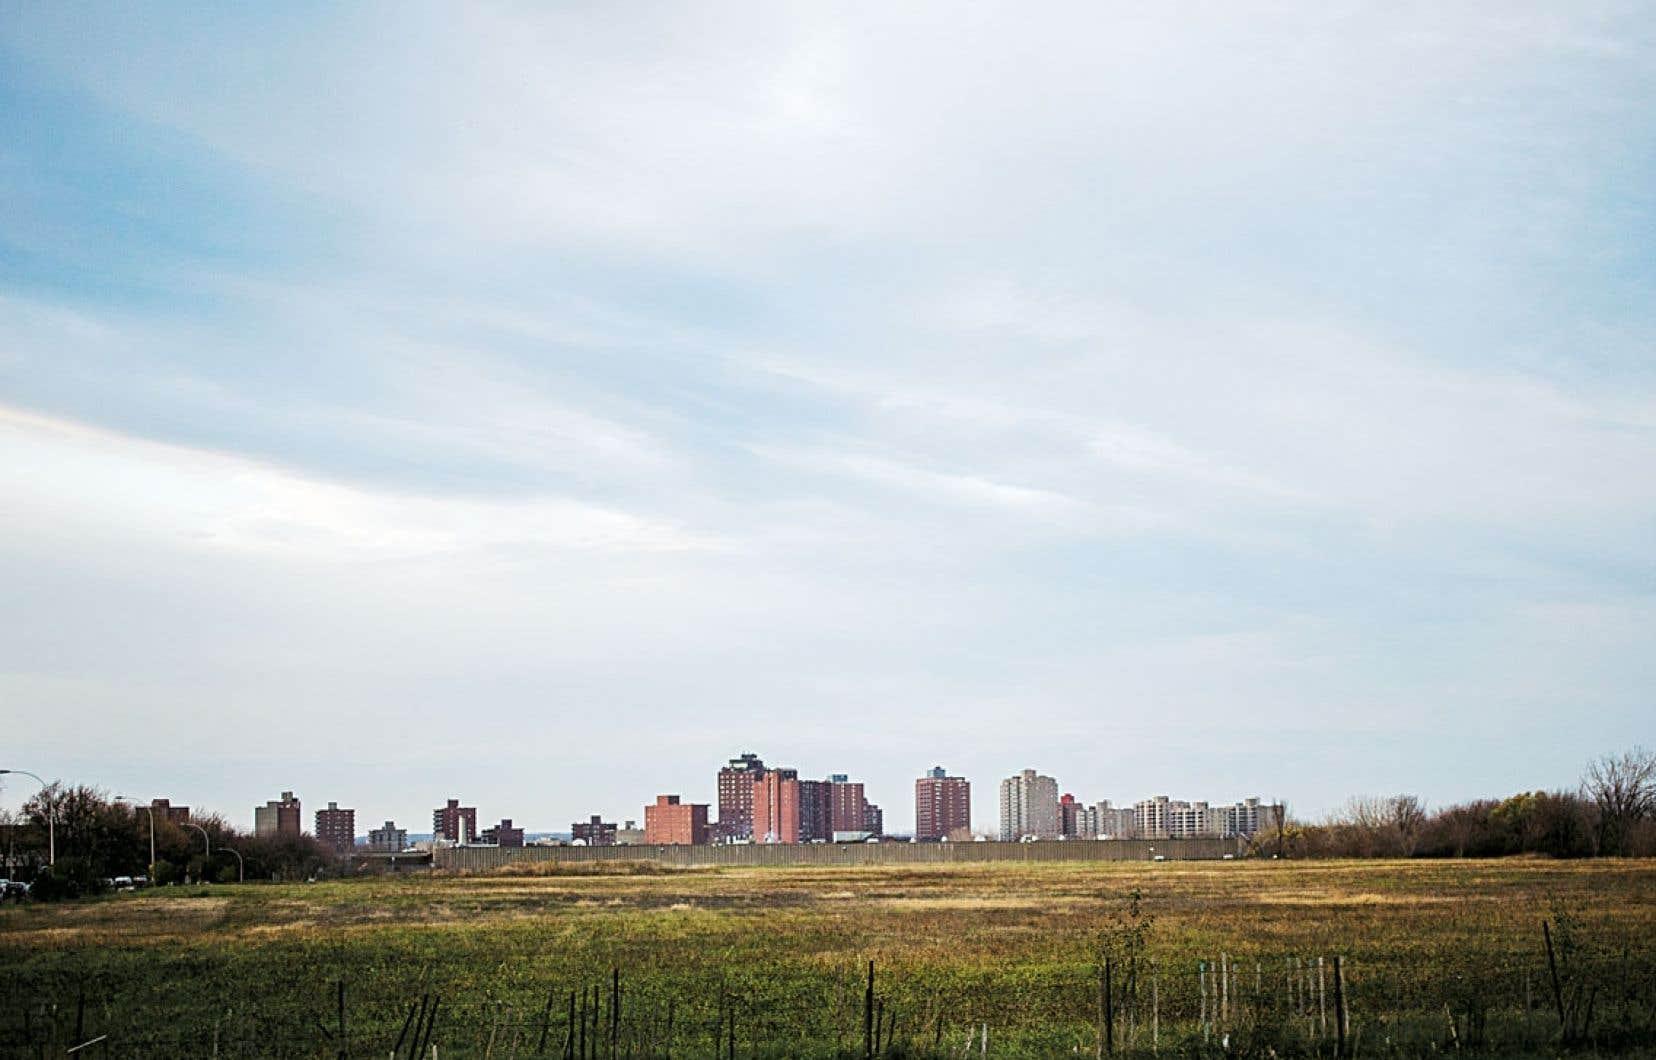 Le secteur Albert-Hudon, à la limite est de l'arrondissement, est le dernier à n'avoir pas été construit. L'administration actuelle nourrit de grandes ambitions pour ce terrain de quelque 60 acres, qui pourrait éventuellement désenclaver le secteur nord-est. Au fond, Laval.